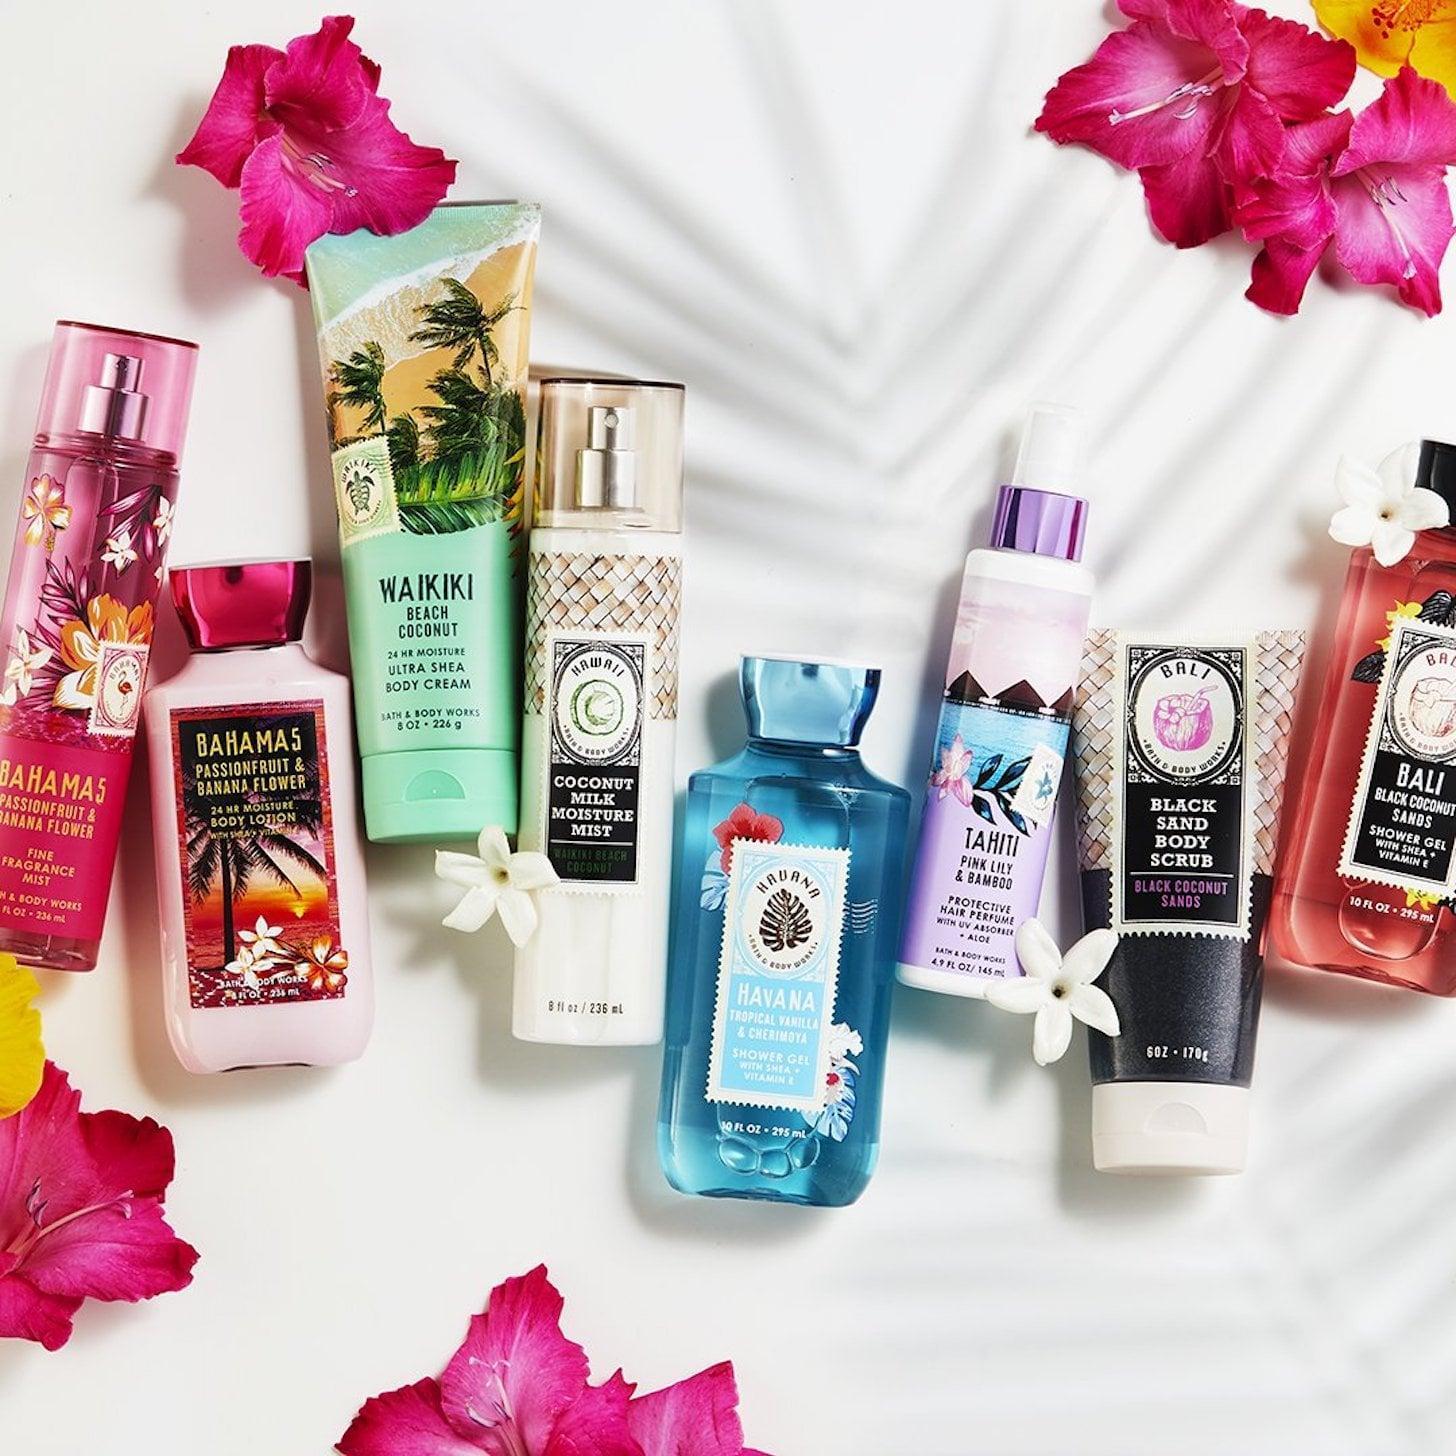 Thương hiệu Bath & Body Works được bình chọn là thương hiệu tắm gội lớn nhất nước Mỹ vào năm 1997 với các dòng sản phẩm chăm sóc cơ thể an toàn, hương thơm khó quên. (Ảnh: Internet)